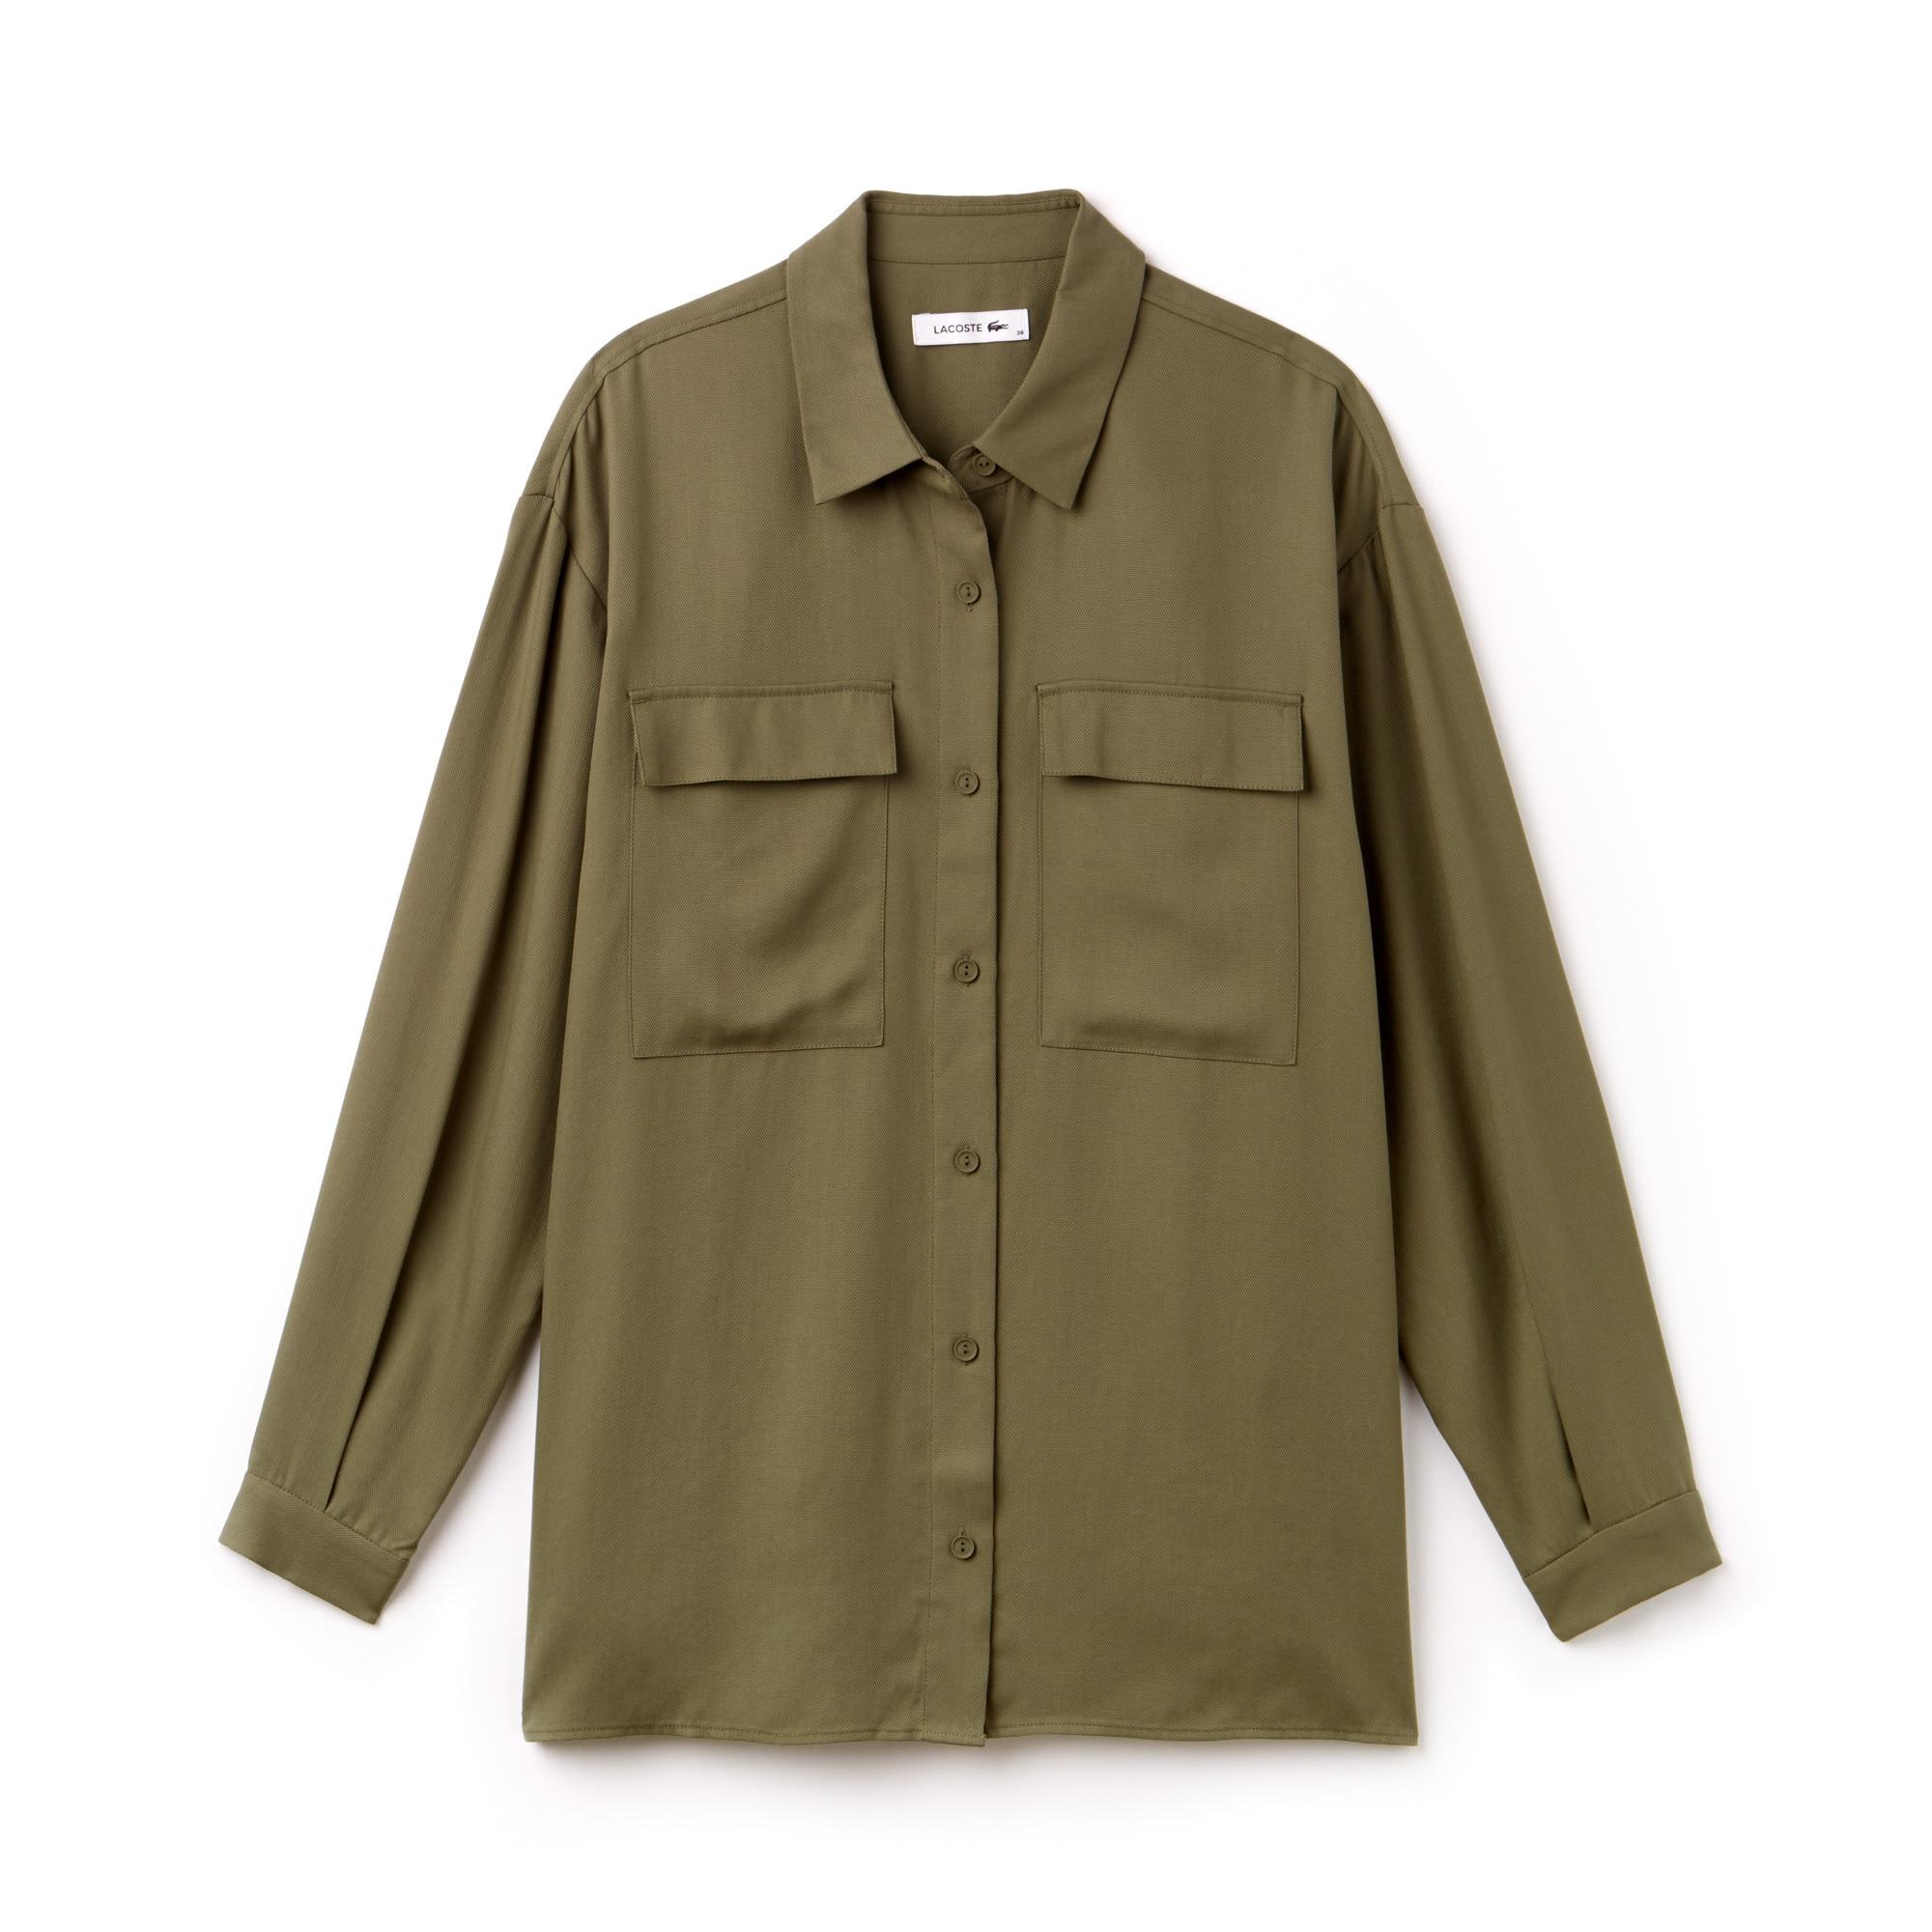 Women's Loose Fit Fluid Piqué Shirt